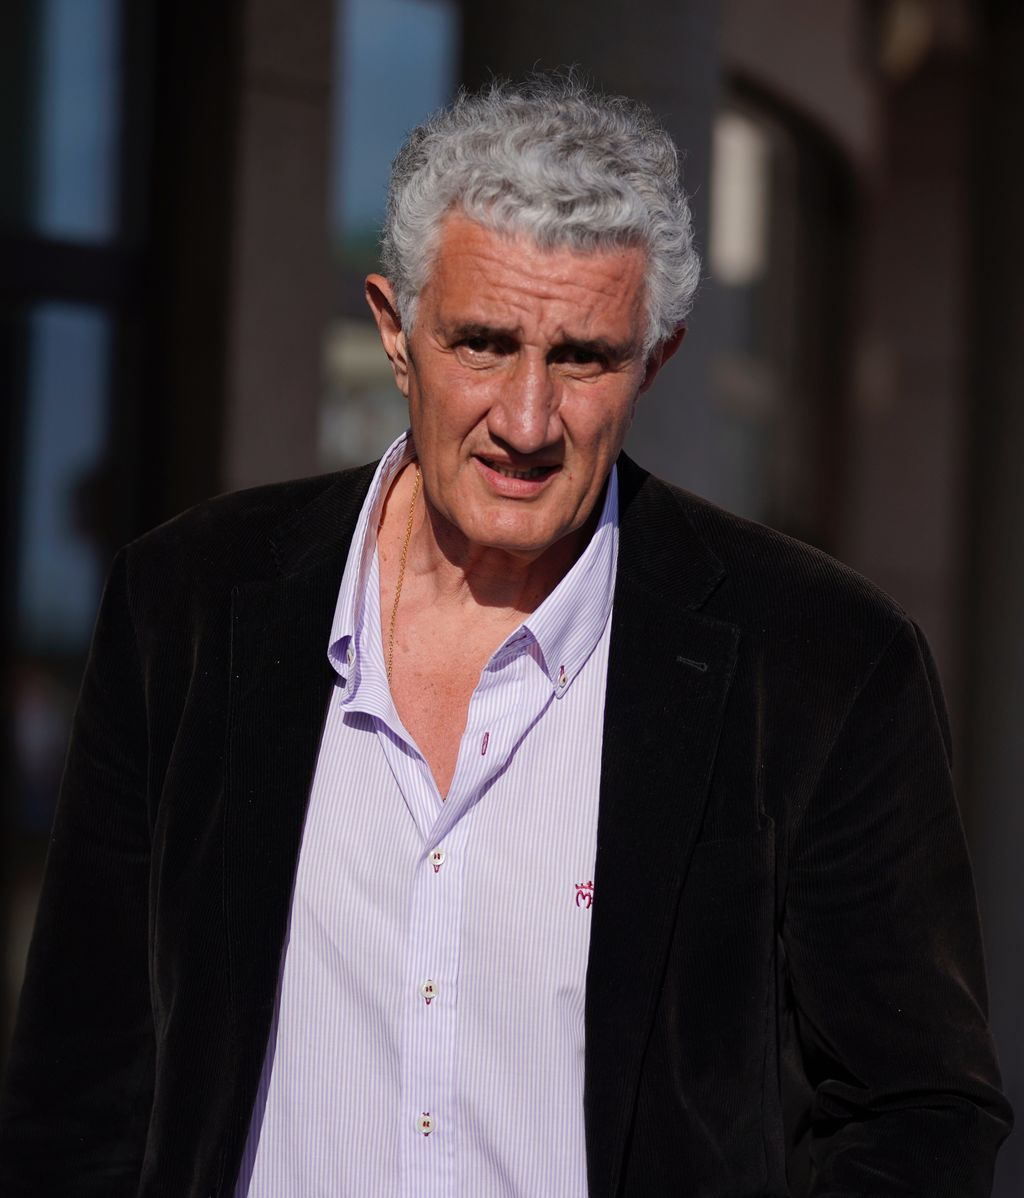 Familiares y amigos le dan el último adiós a José María Íñigo en Madrid